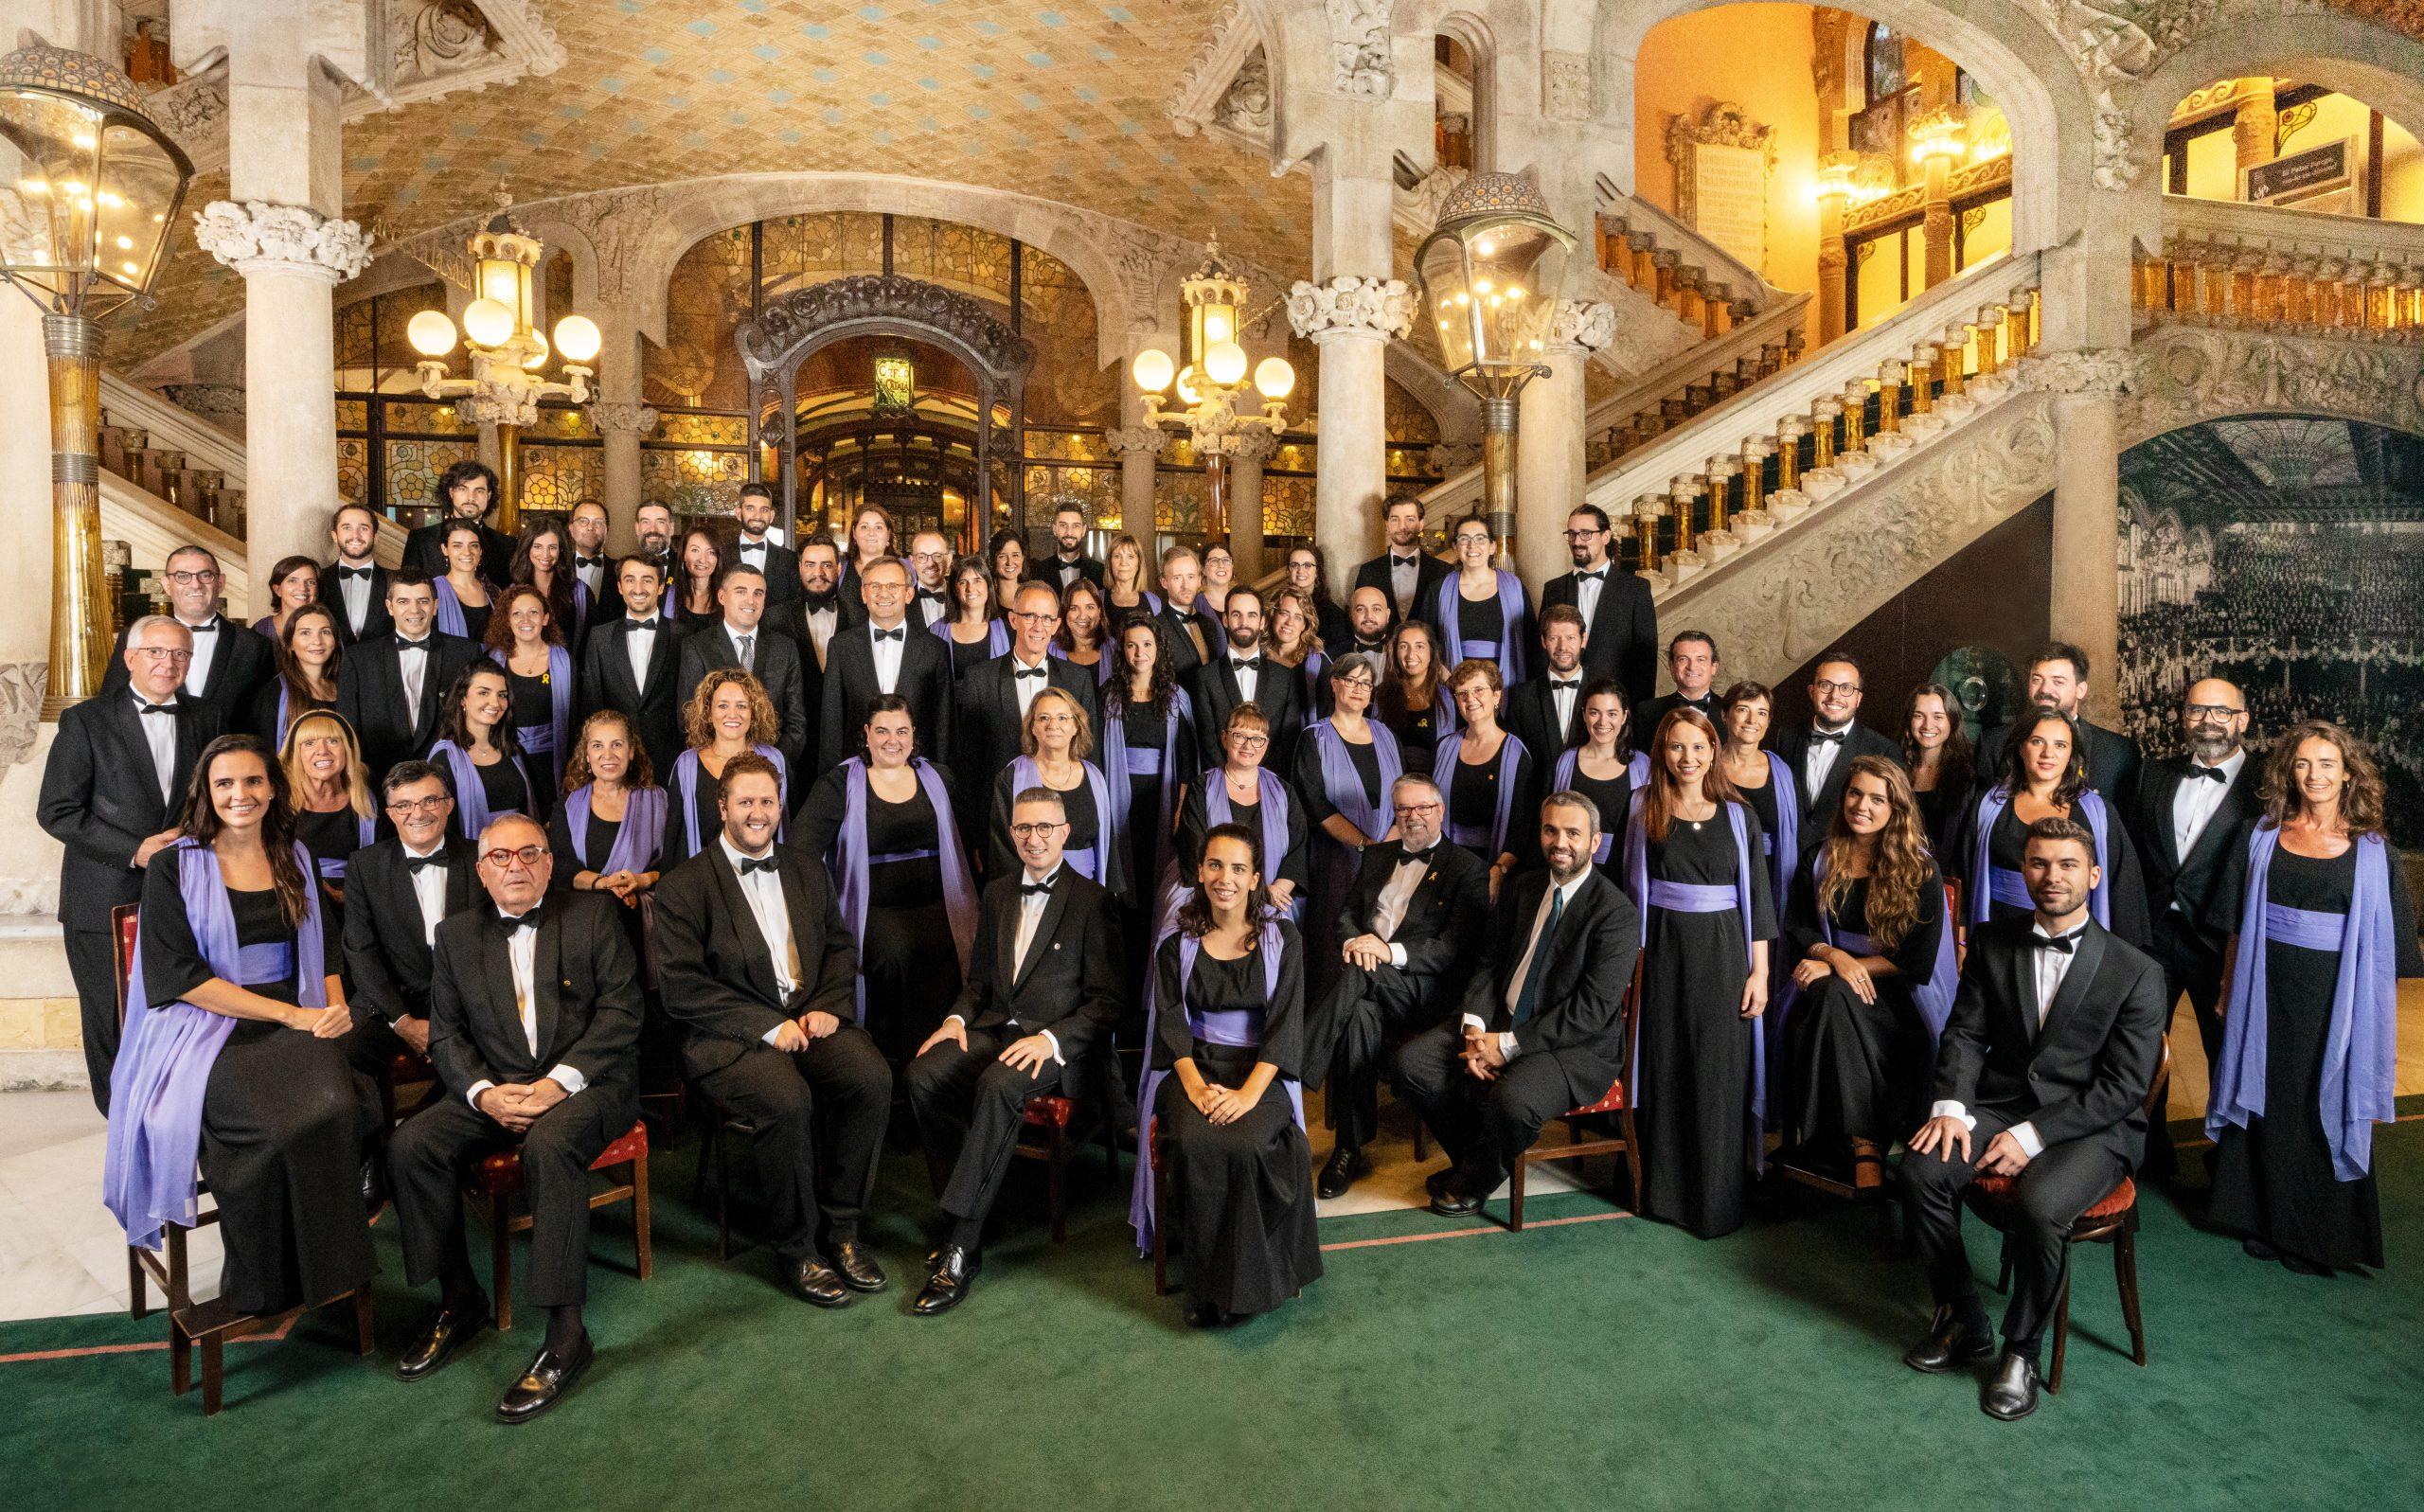 Palau de la Música Catalana: Bach es principio y fin